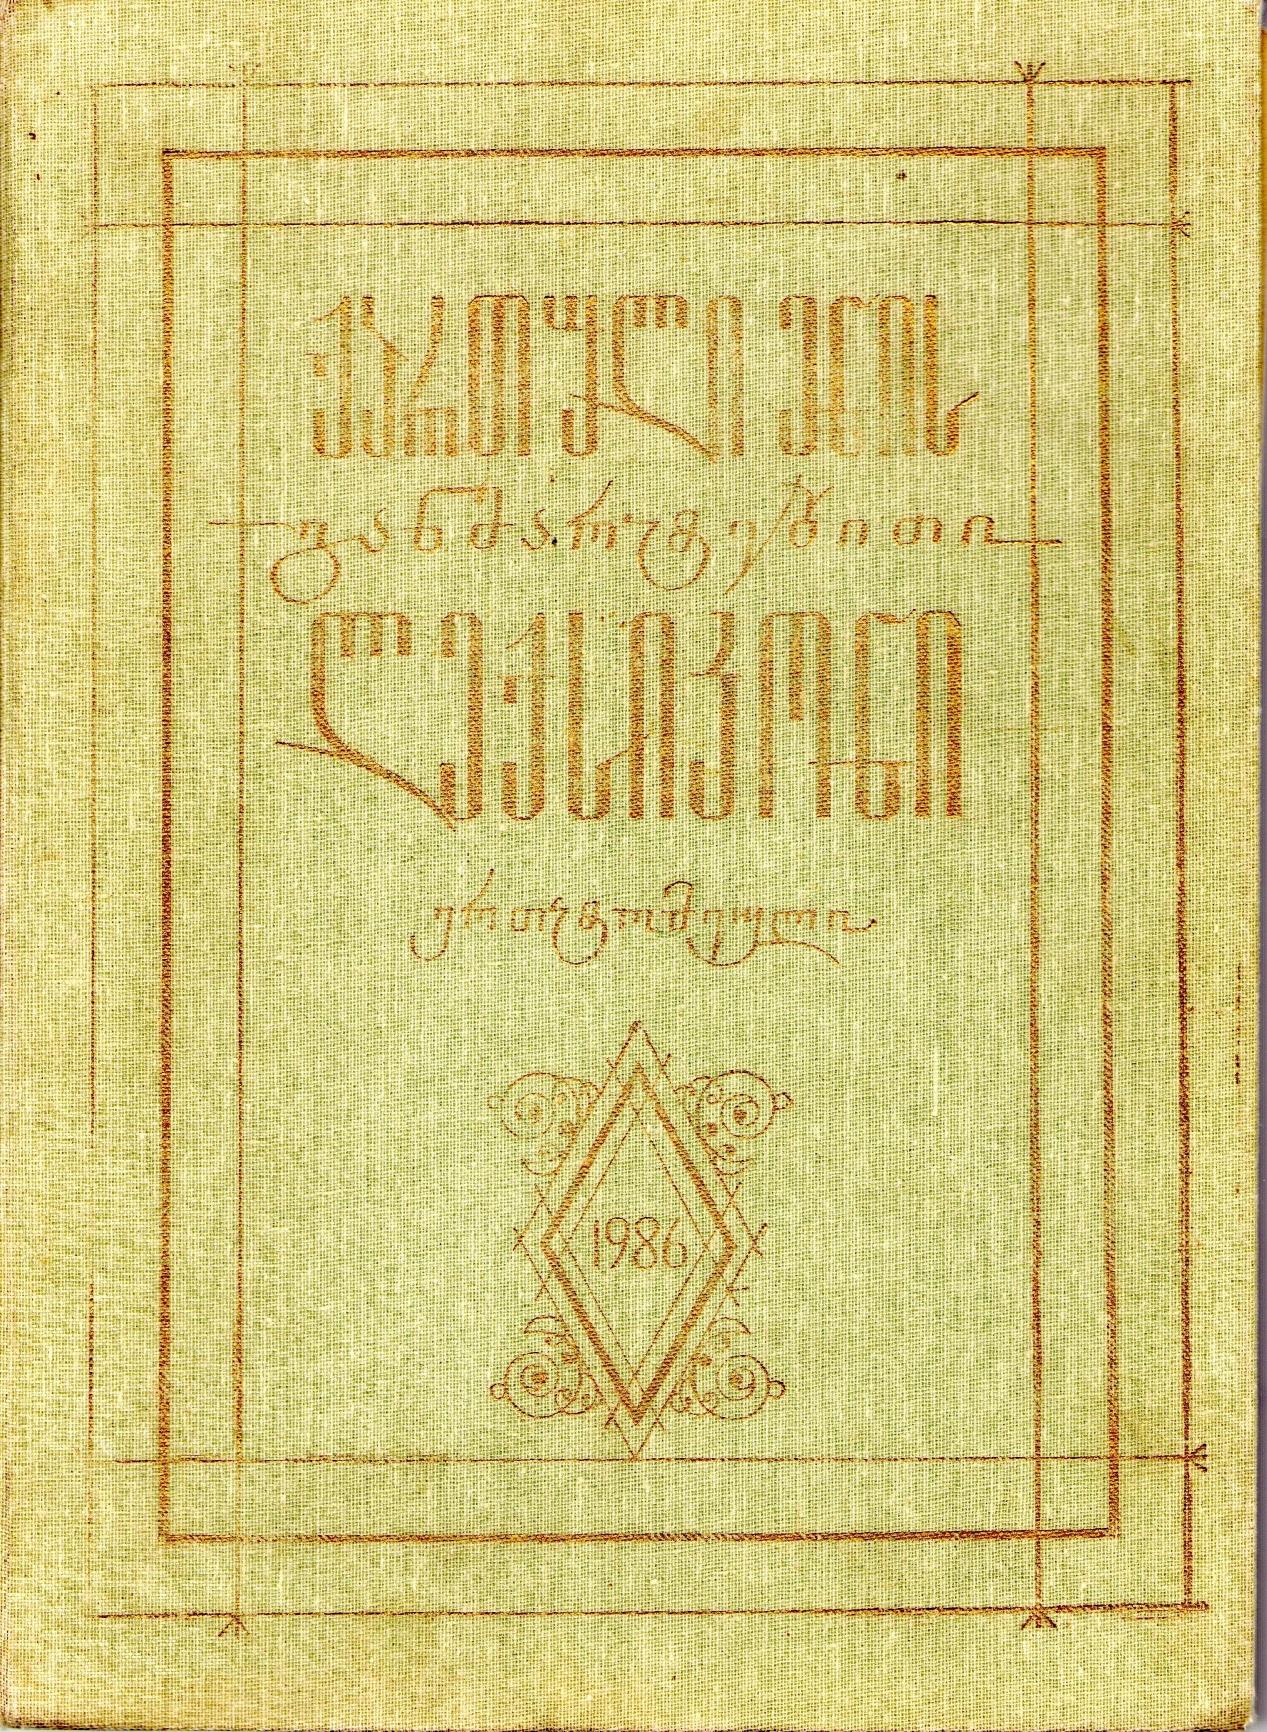 ქართული ენის განმარტებითი ლექსიკონი